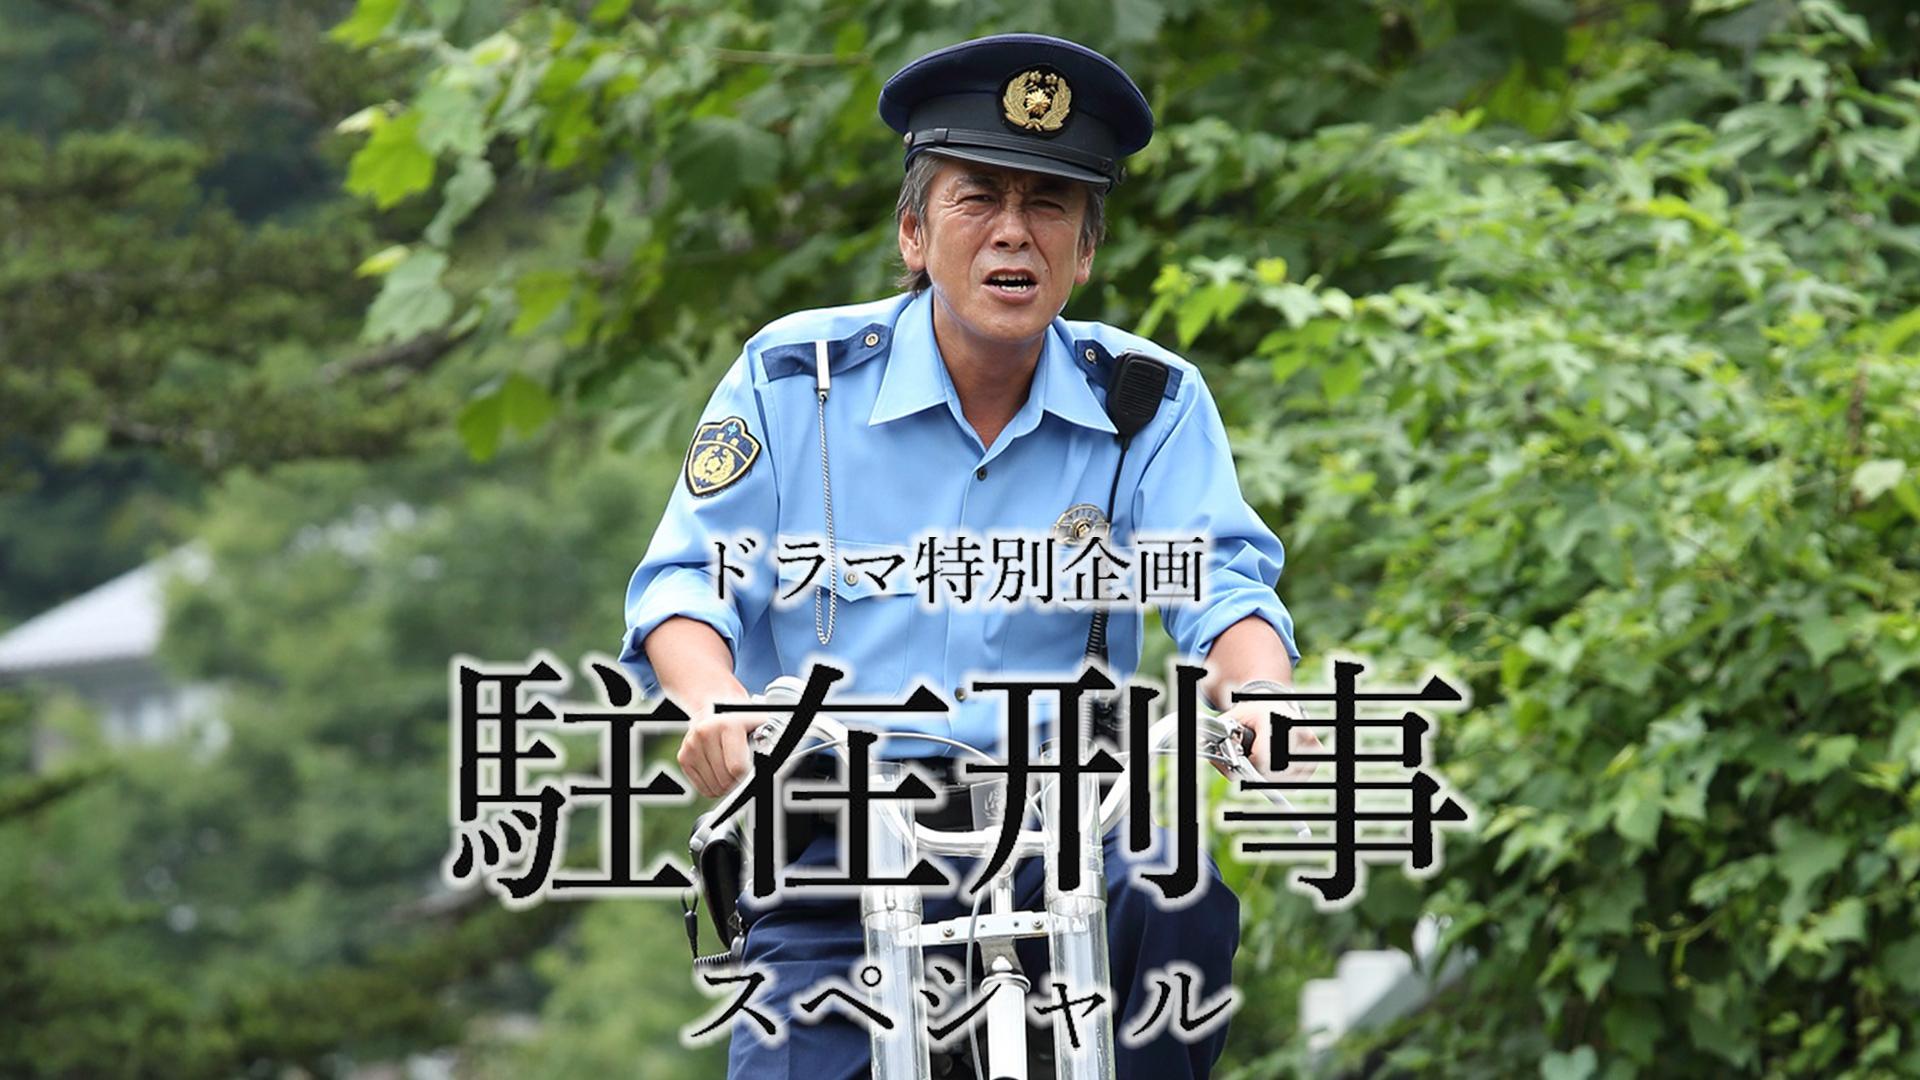 駐在刑事 スペシャルの動画 - 駐在刑事